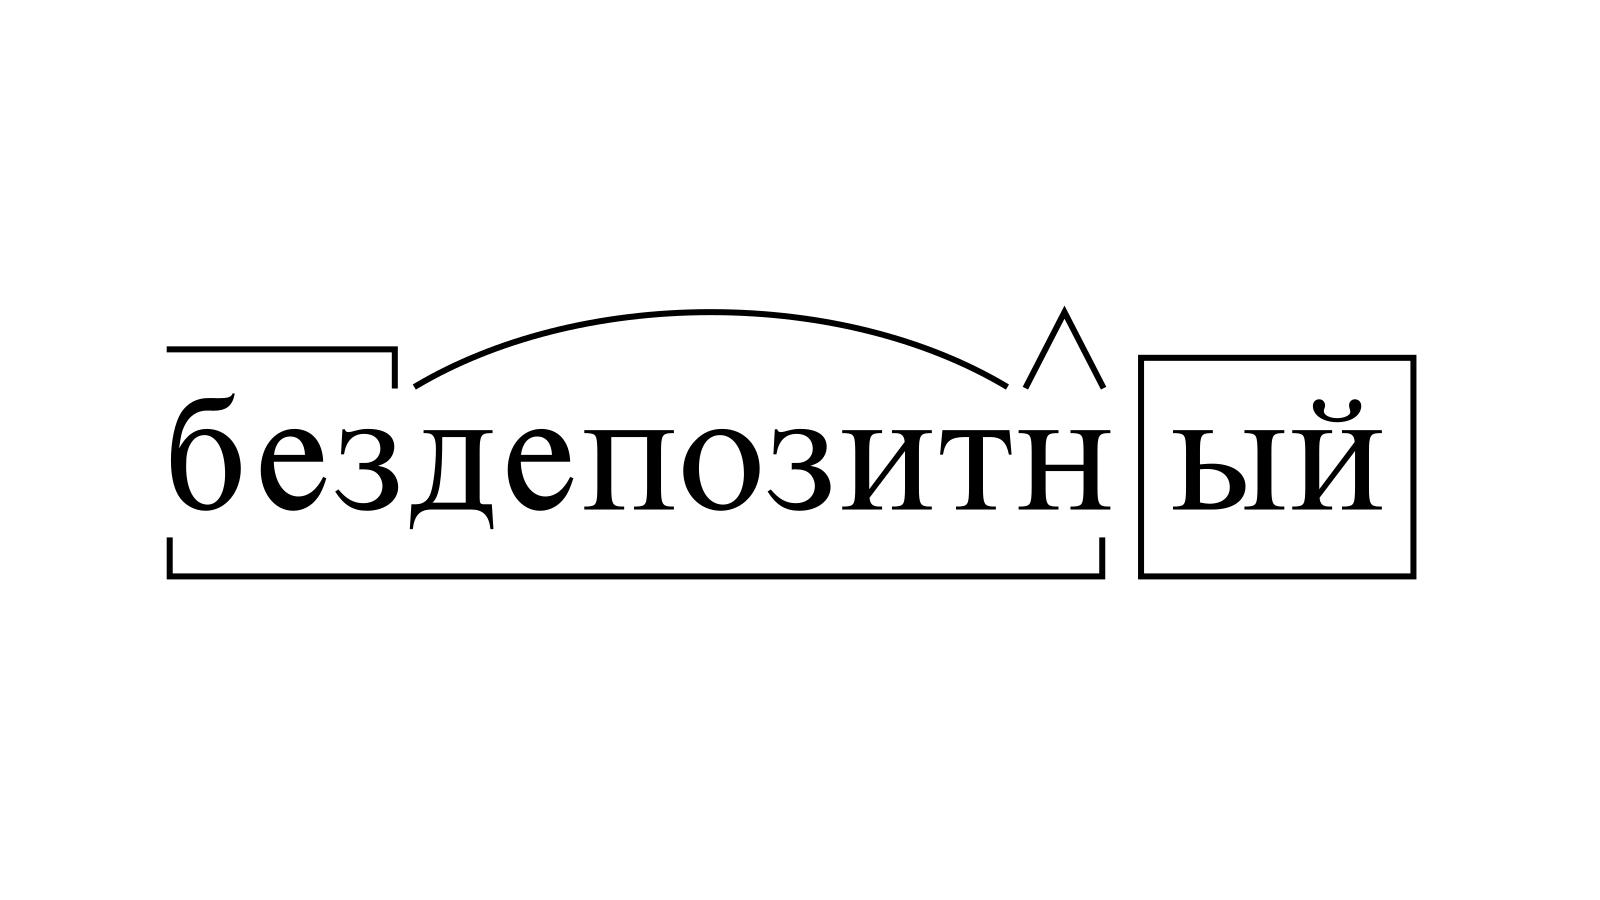 Разбор слова «бездепозитный» по составу